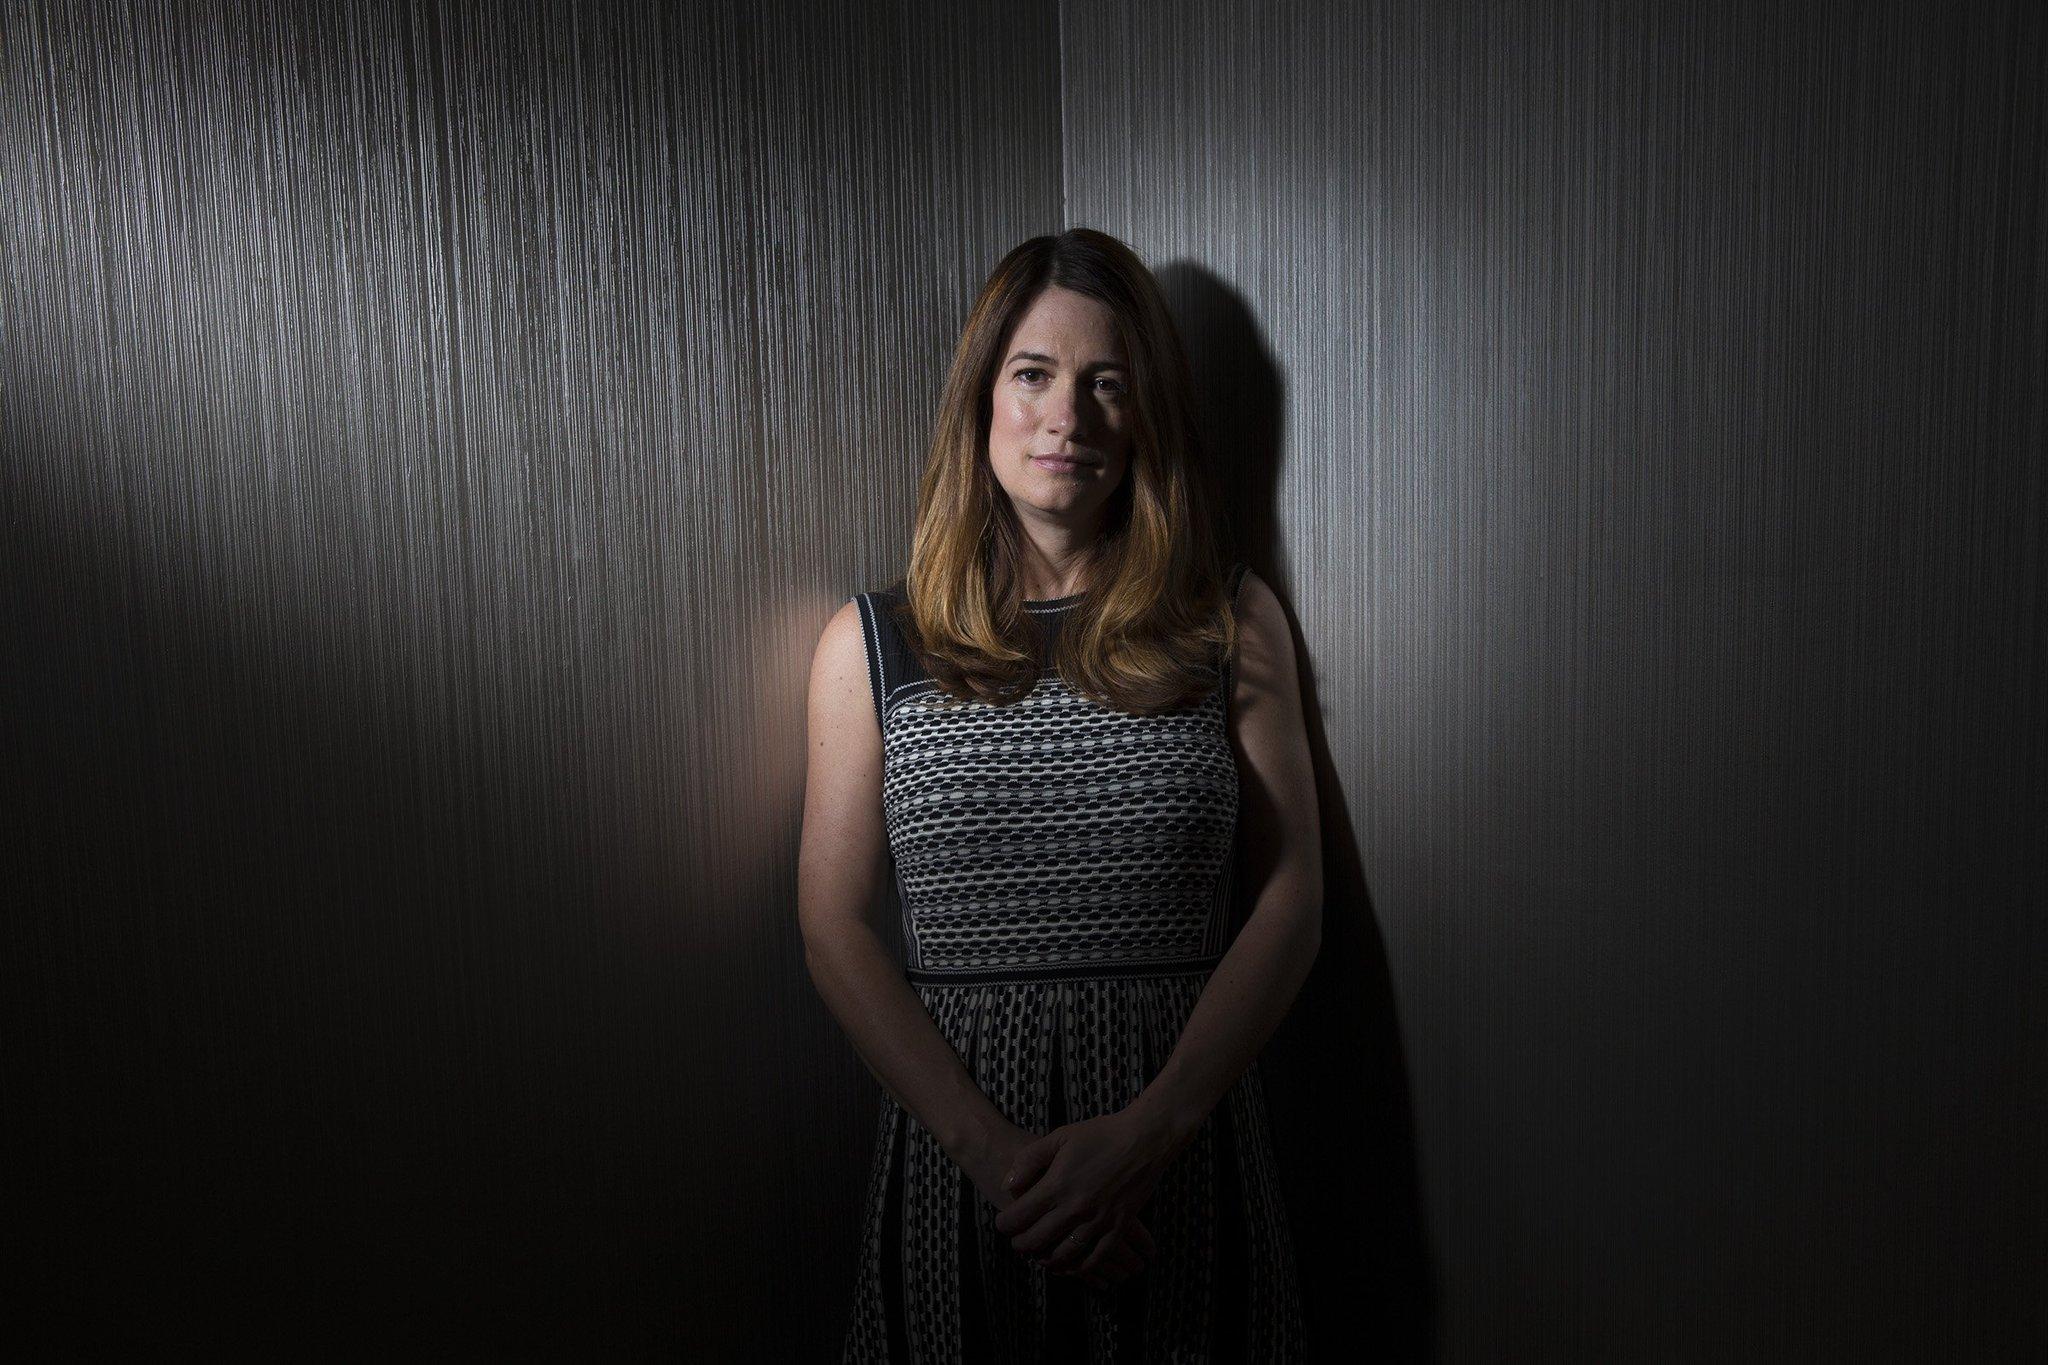 """Праведный гнев: 25 известных женщин о """"неженских"""" эмоциях"""